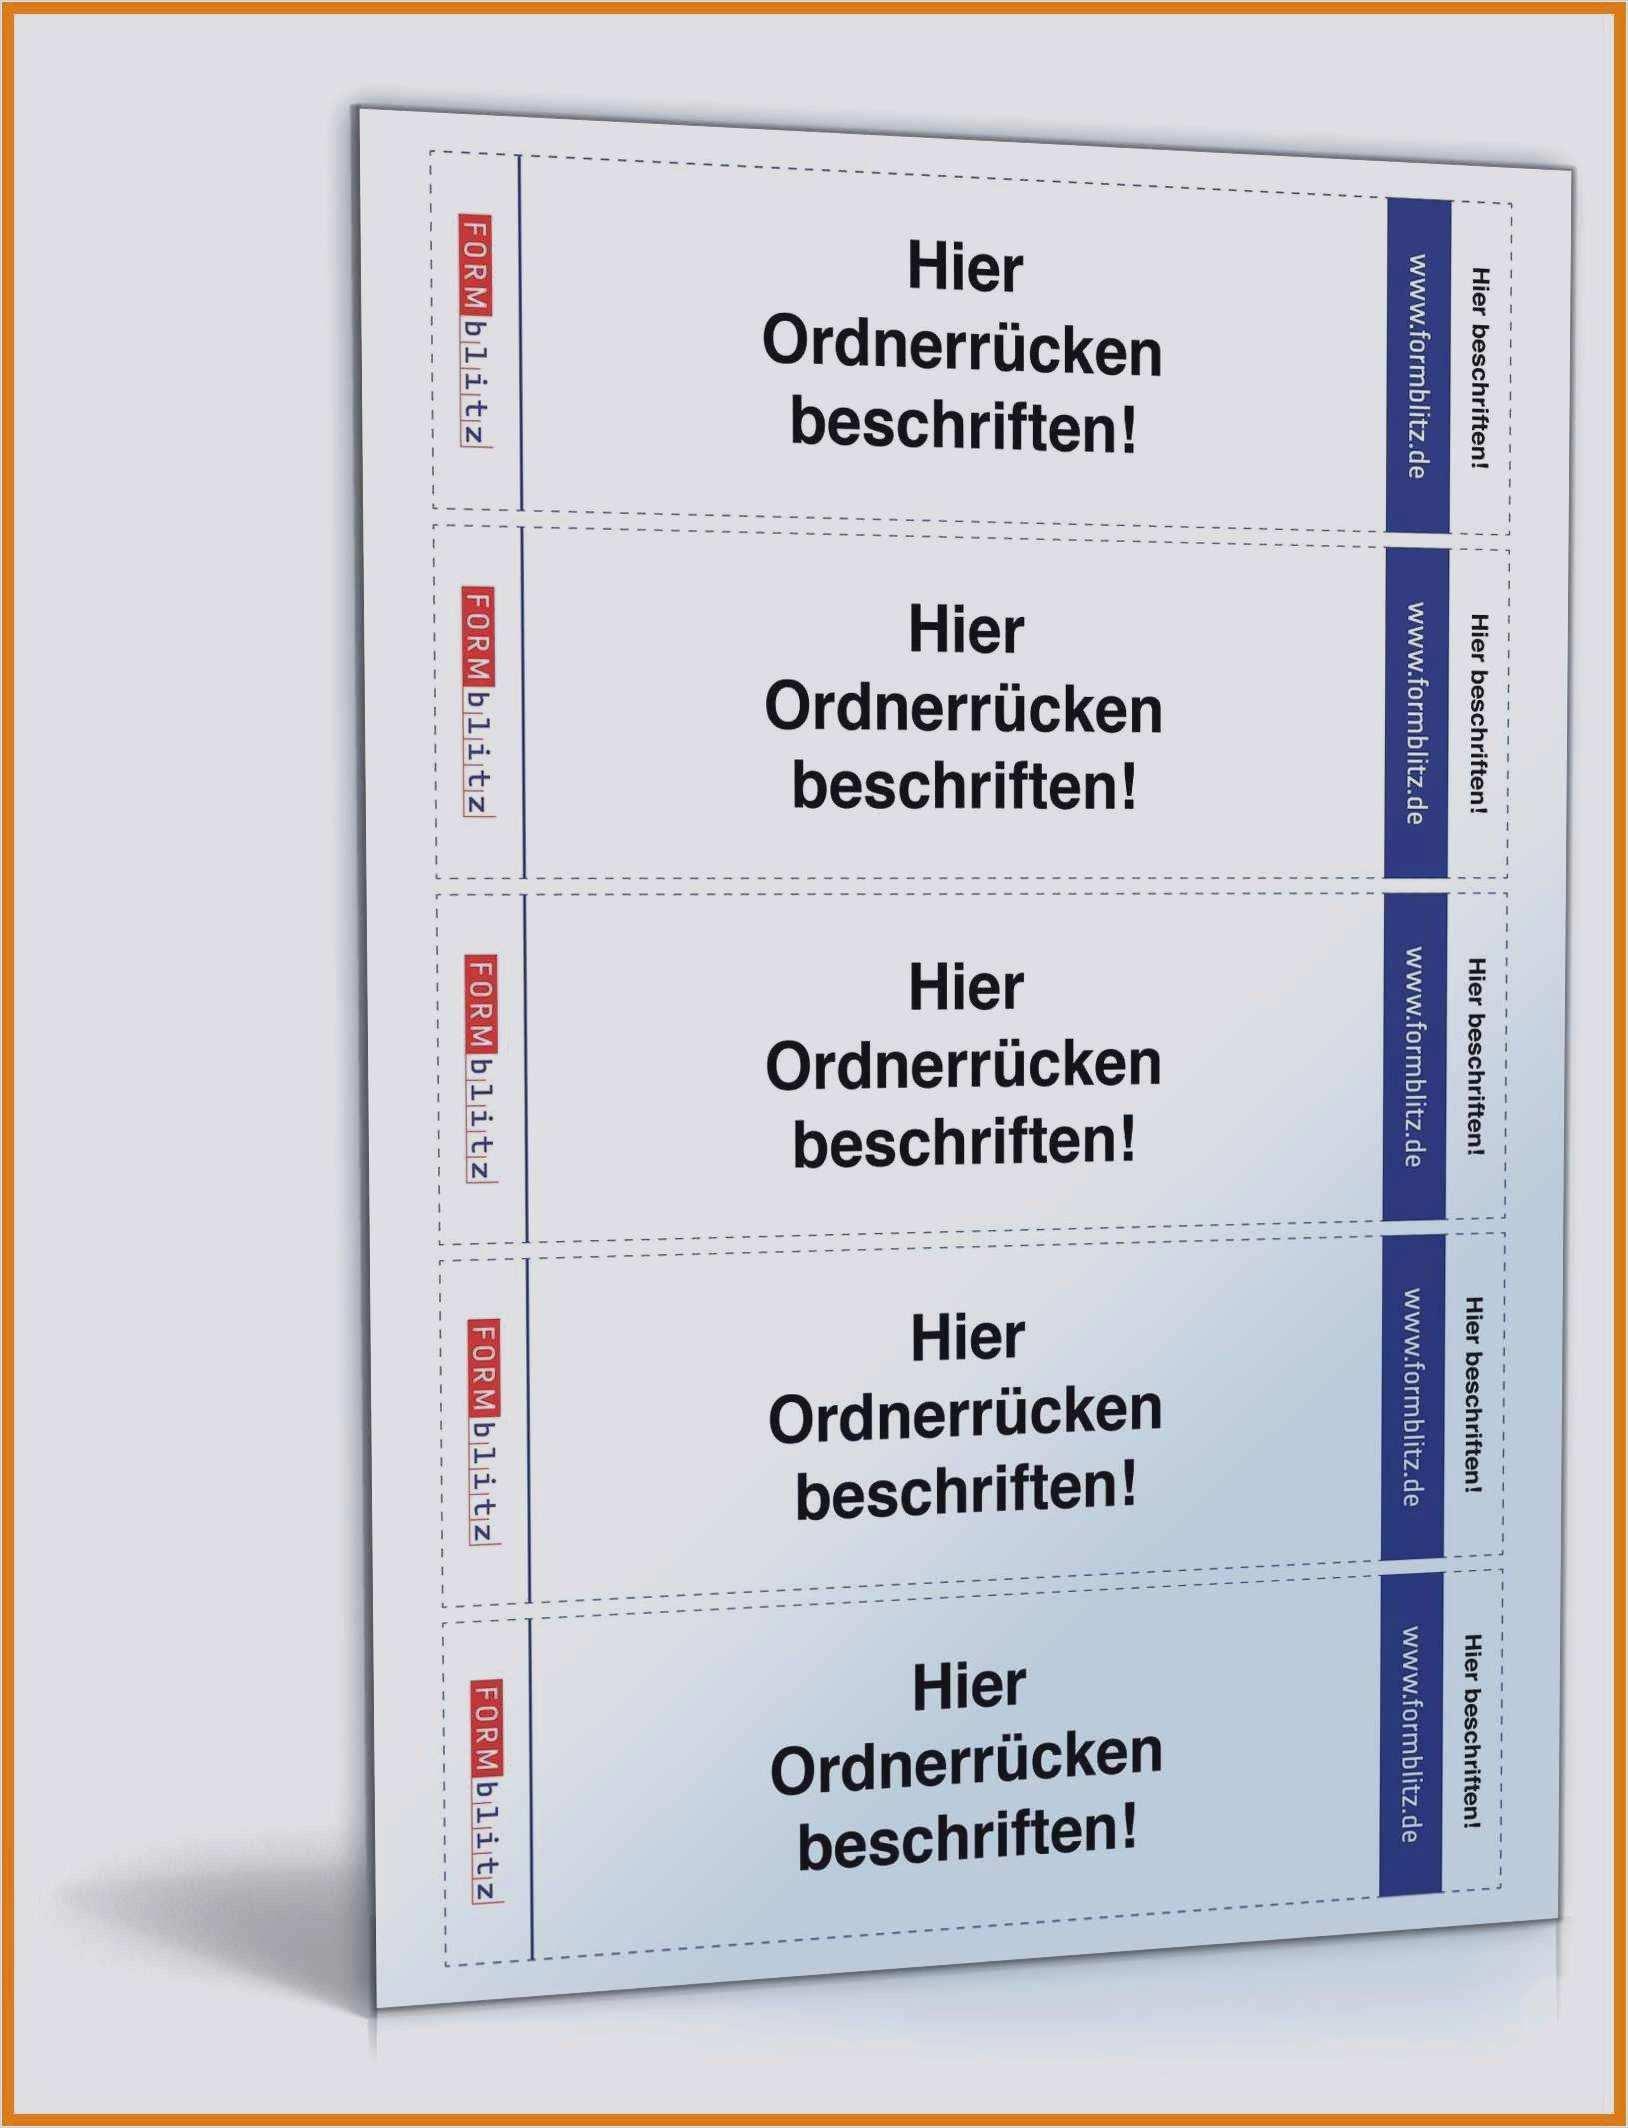 Ordnerregister Vorlage Deckblatt Gratis Word